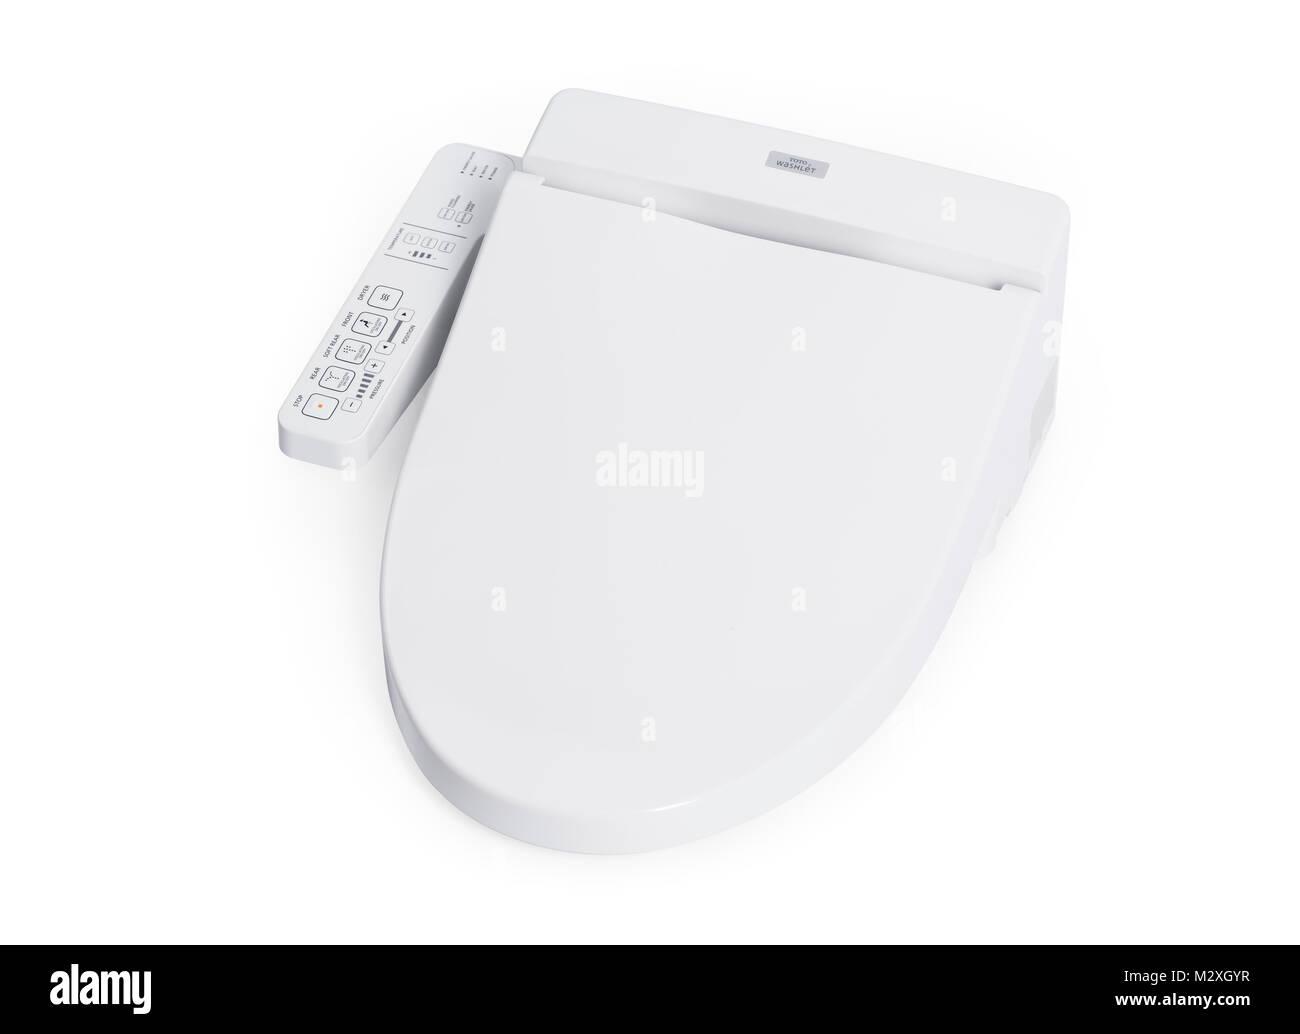 Toto Washlet Bidet Toilet Seat Isolated On White Background With